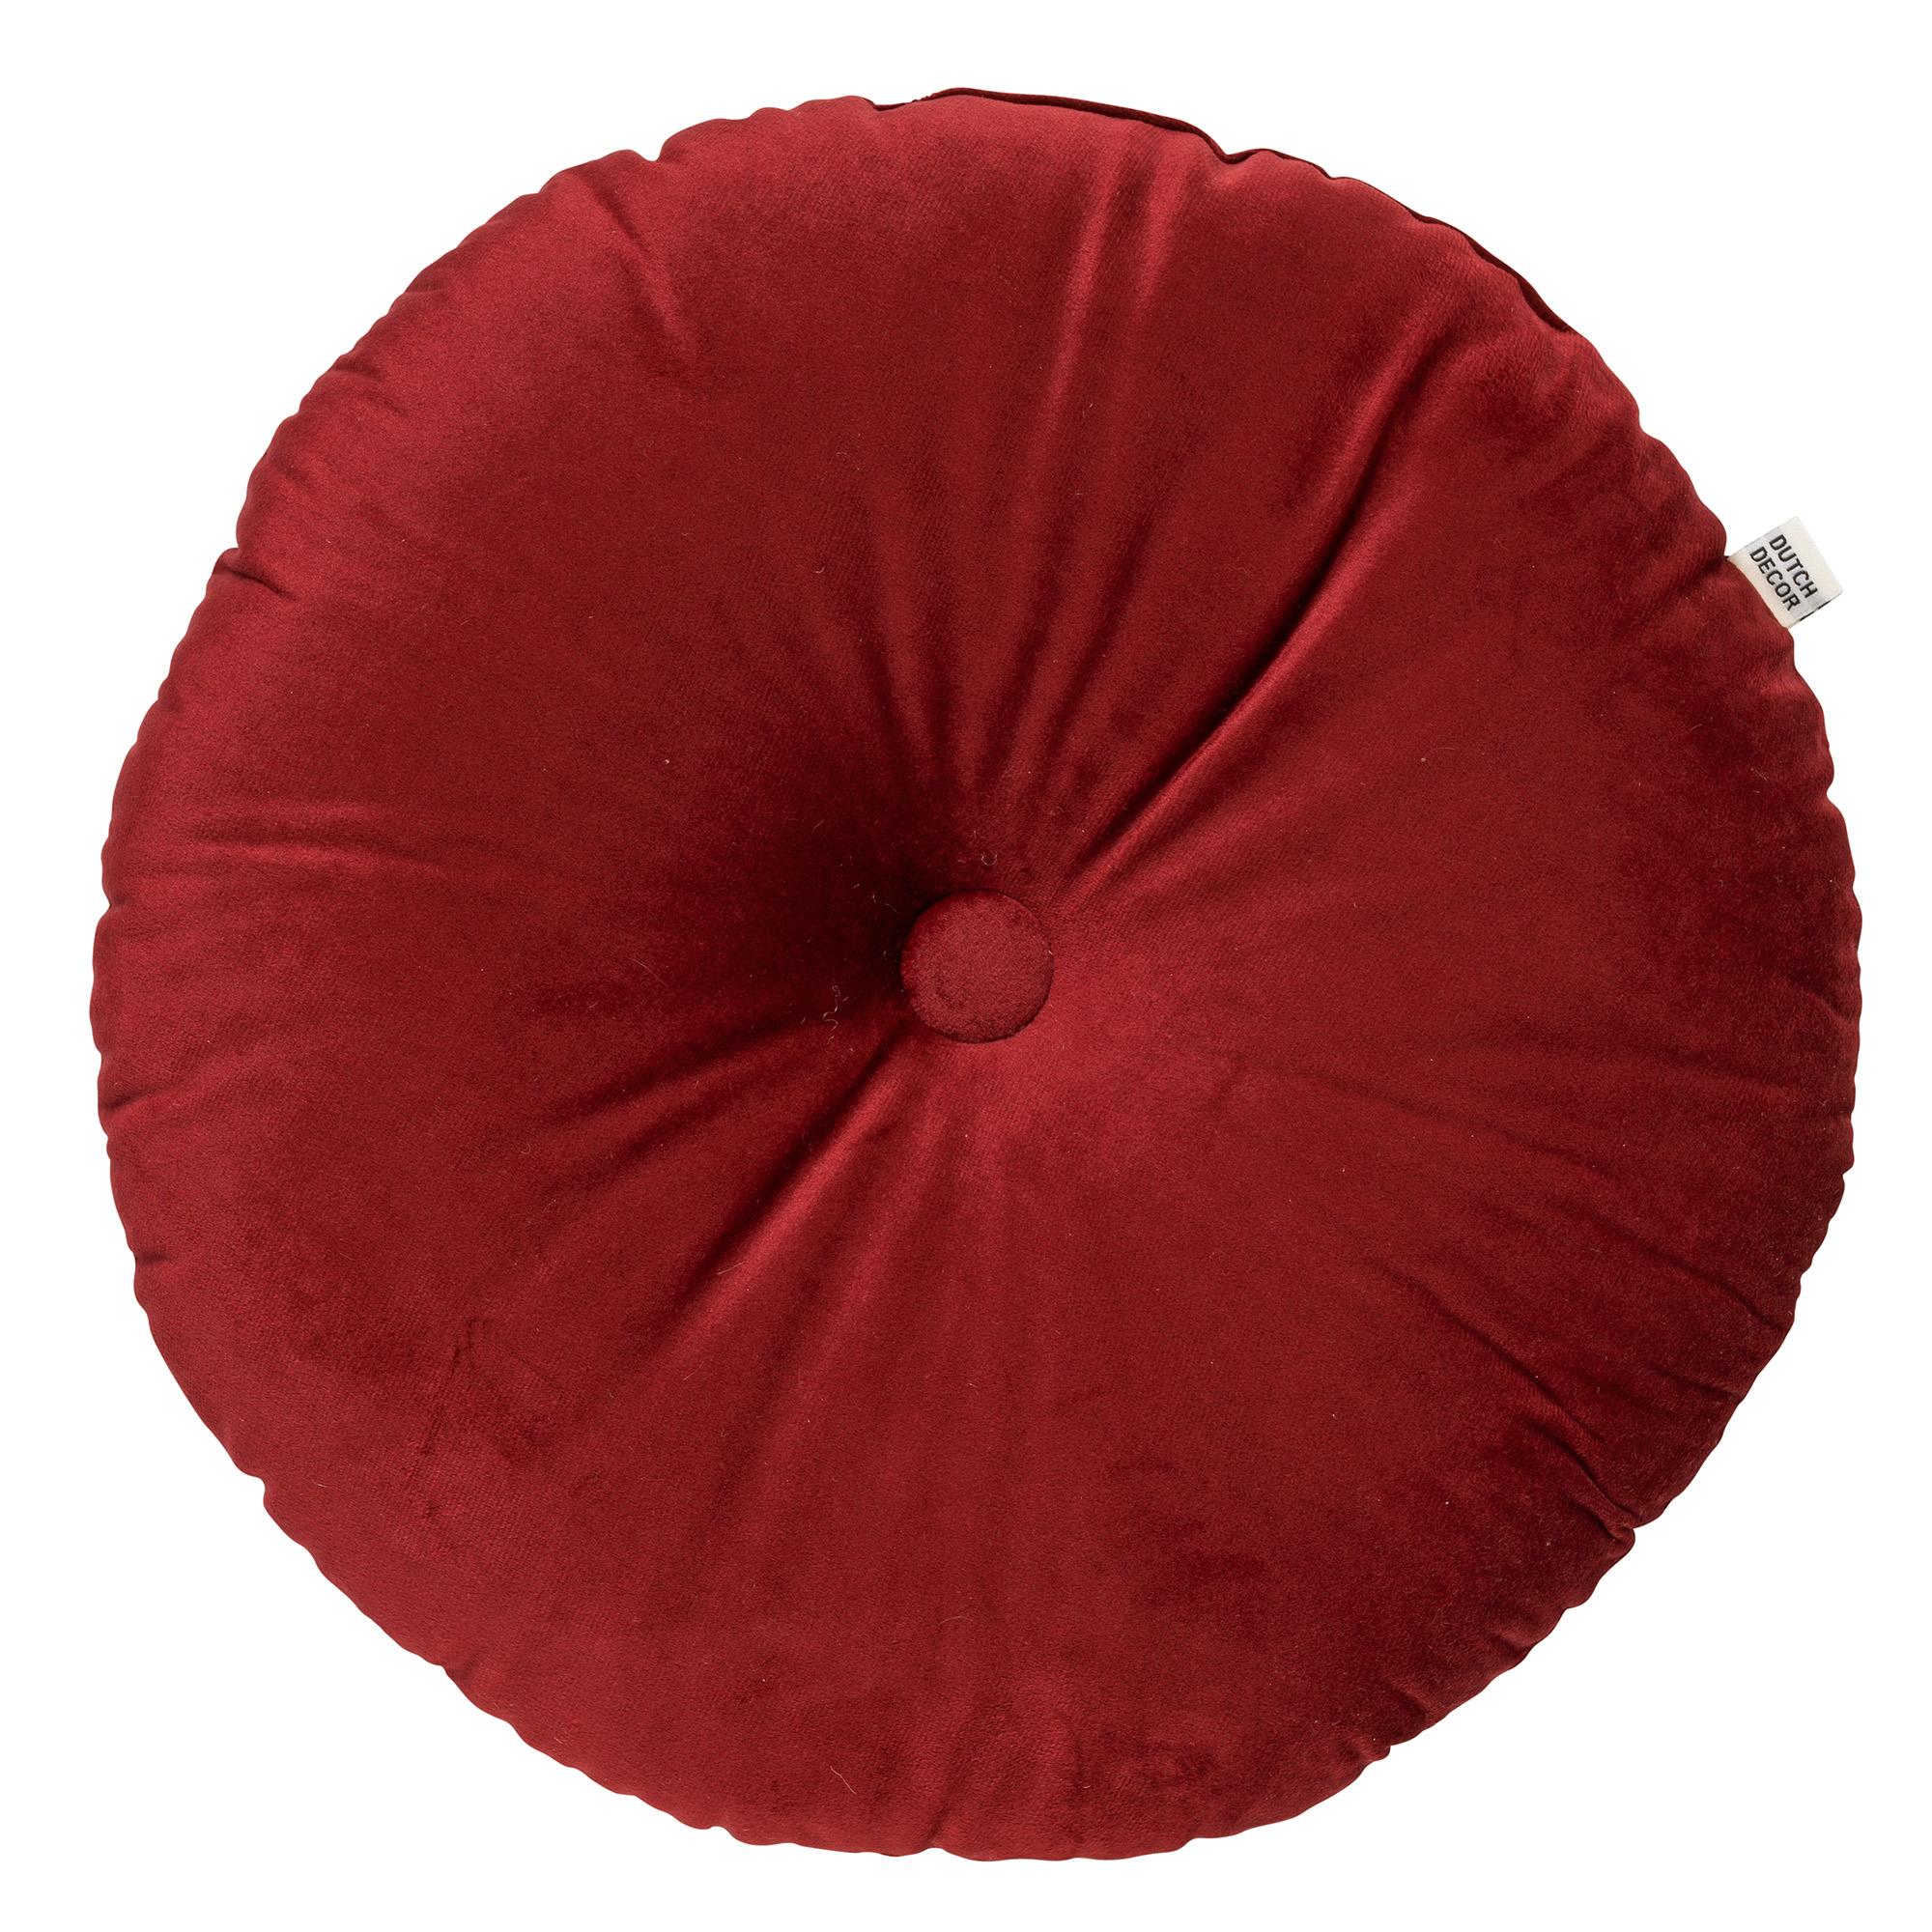 OLLY - Sierkussen rond velvet Merlot 40 cm